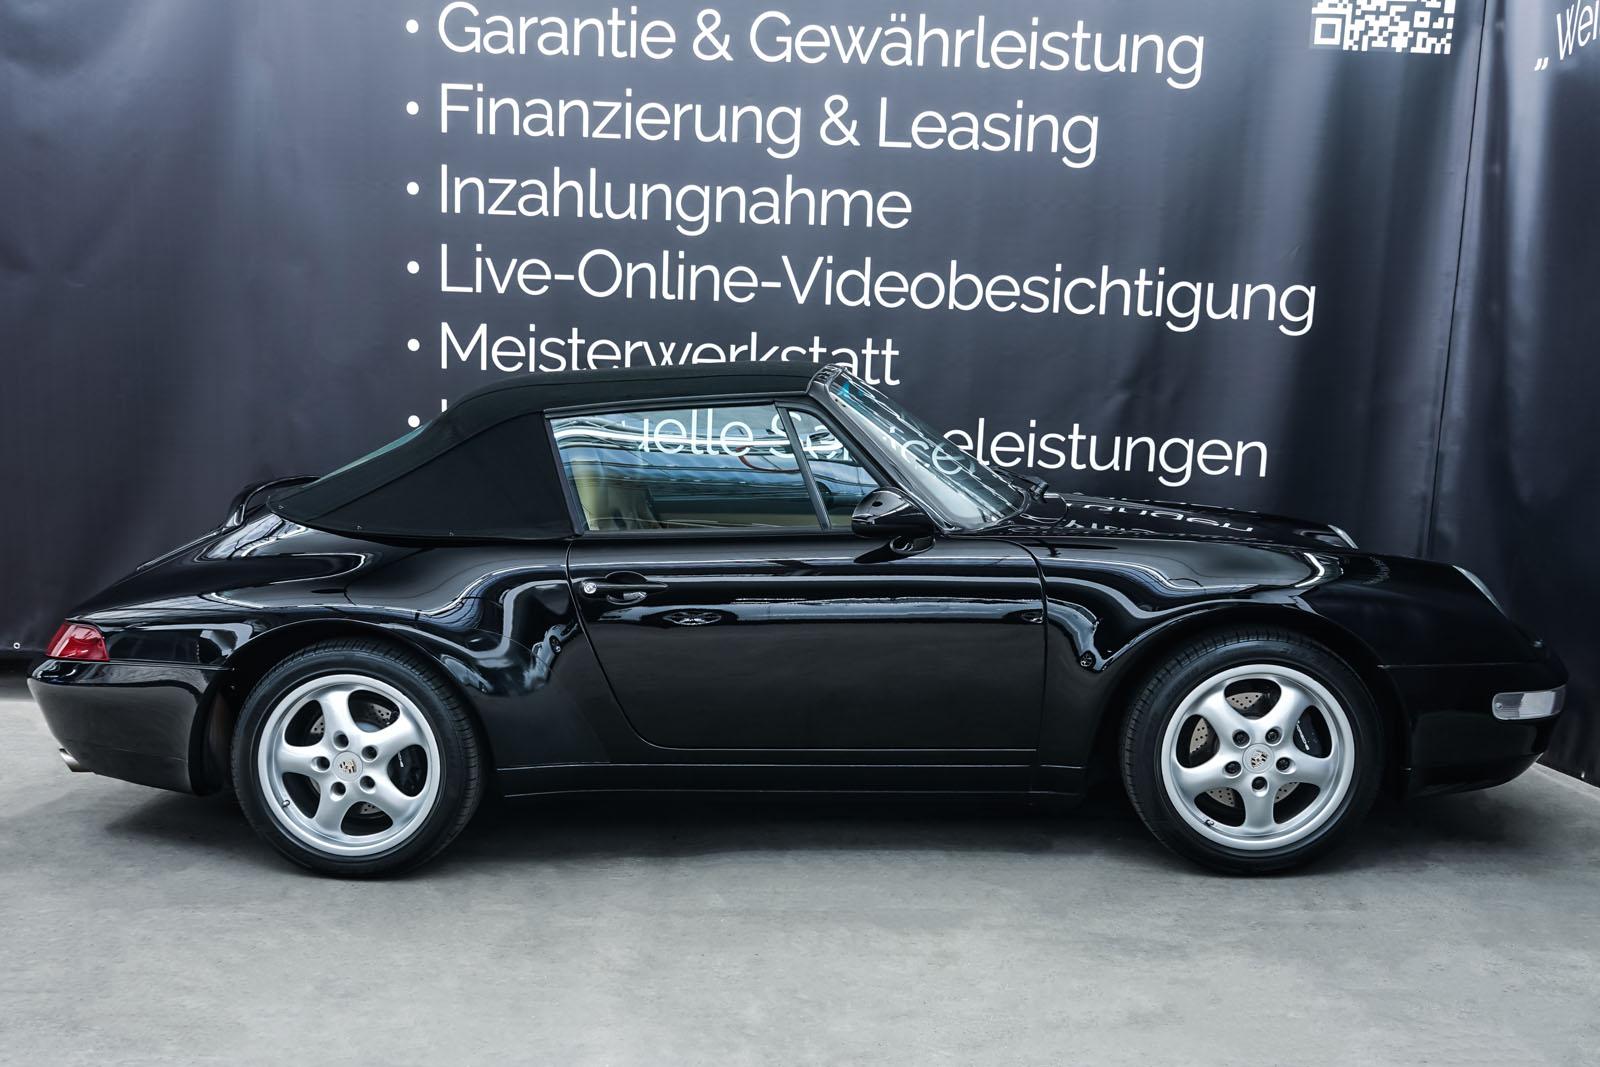 Porsche_993_C2_Cabrio_Schwarz_Beige_POR-0137_19_w